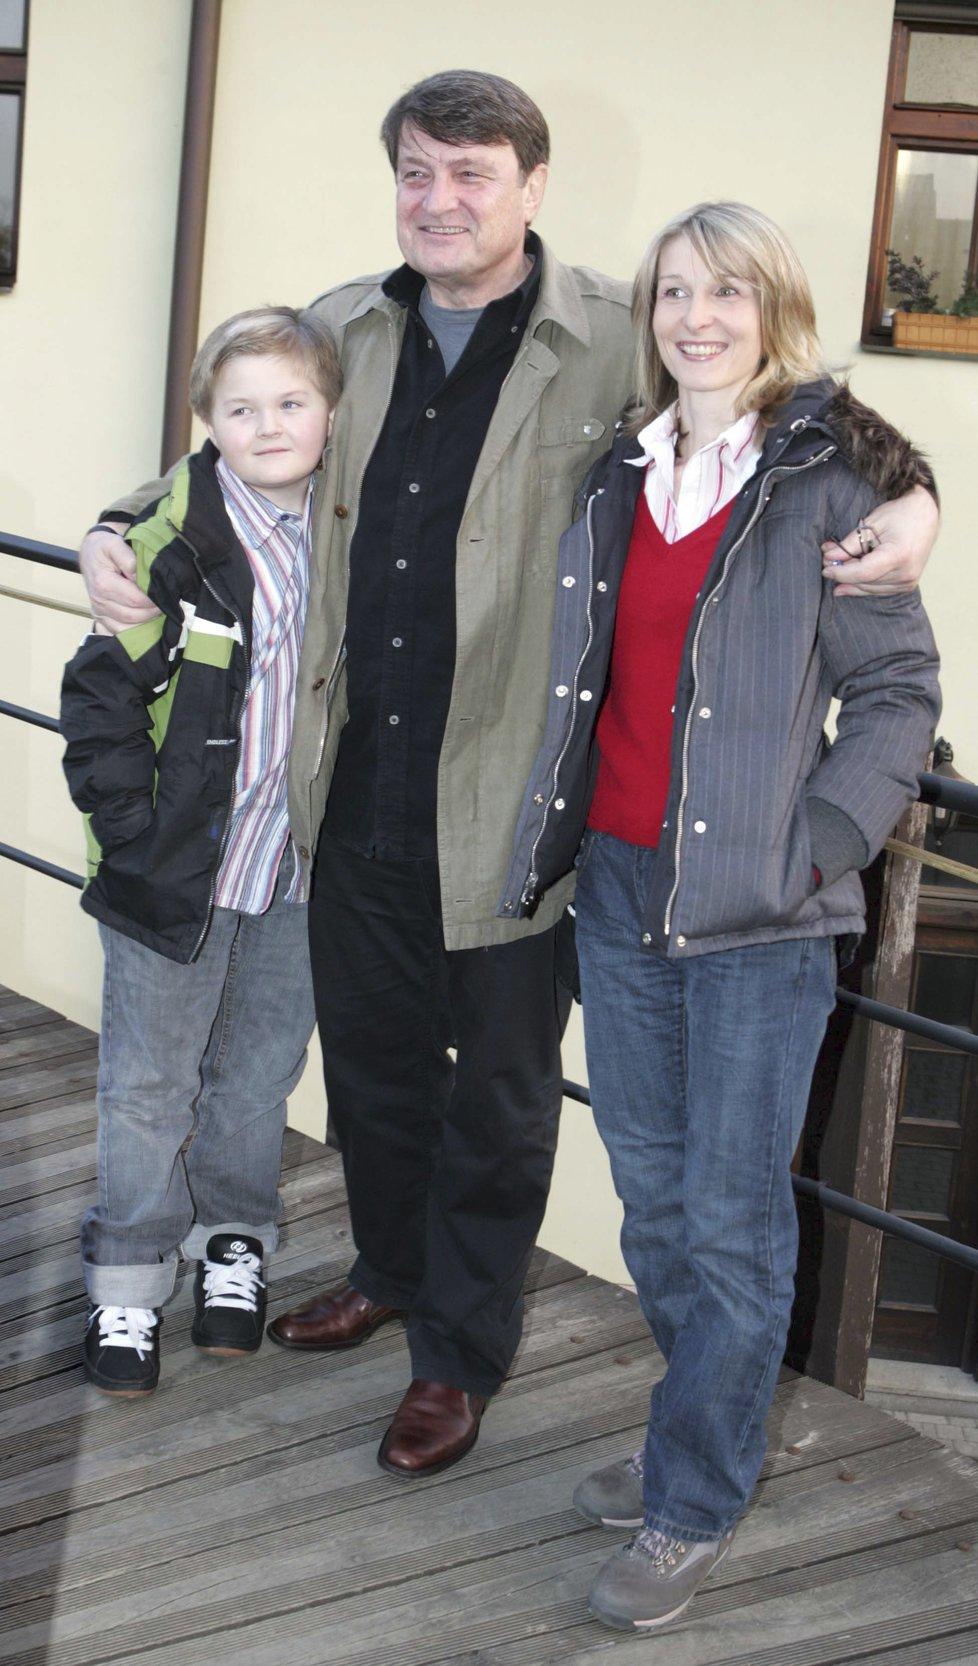 2008 - Ladislav Štaidl s expartnerkou Míšou Novotnou a synem Arturem na oslavě svatby Karla Gotta v Průhonicích